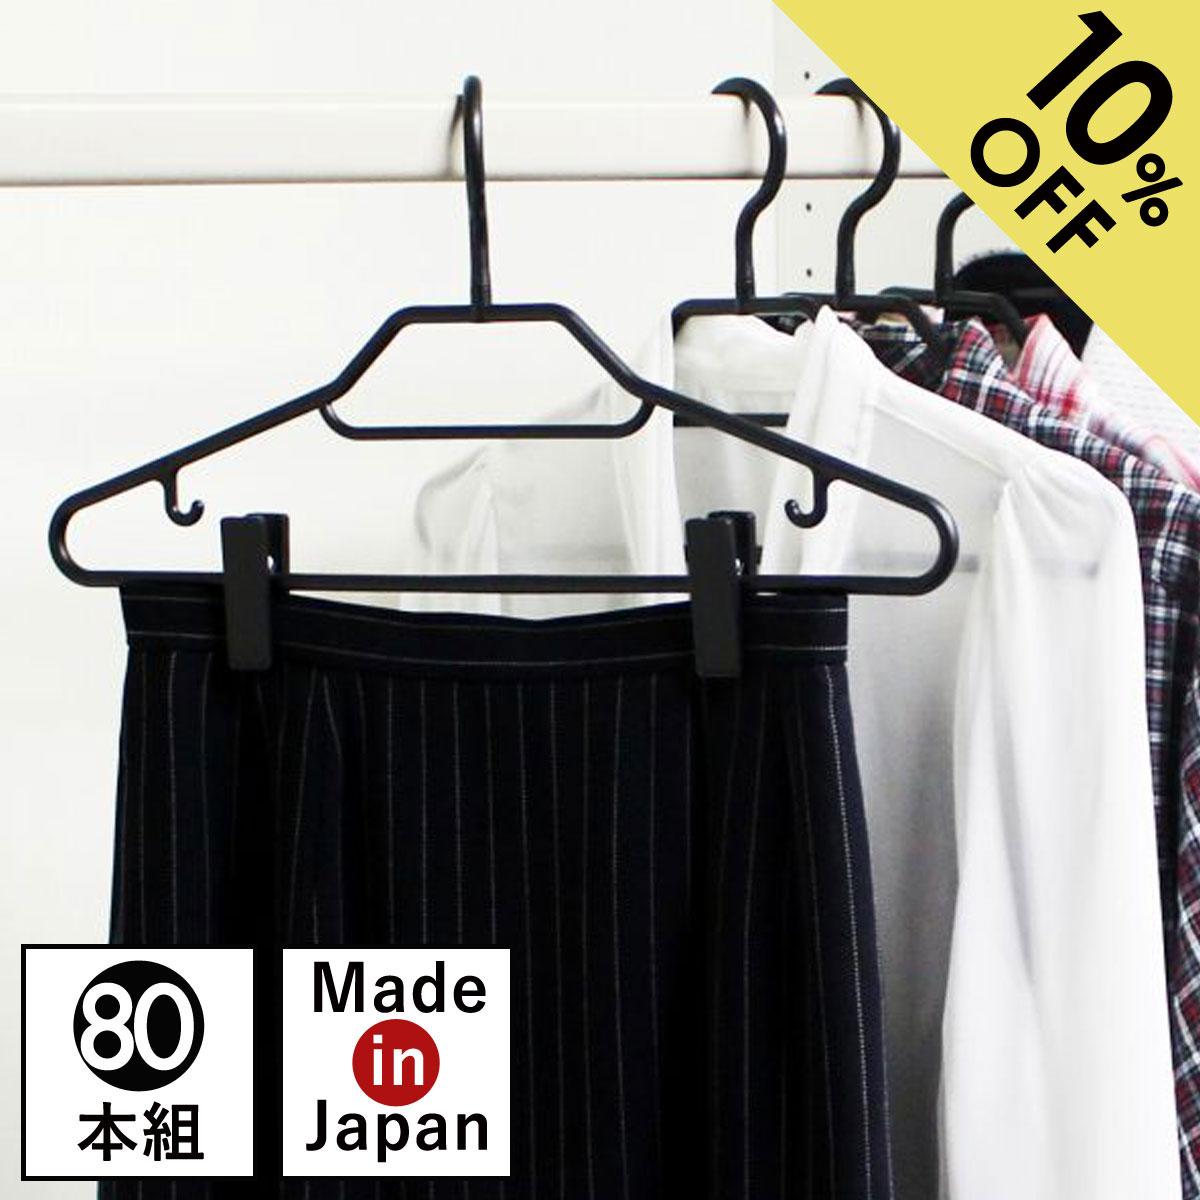 ハンガー すべらない おしゃれ ワイシャツ用 ベストライン シャツハンガー スタイルシャツハンガークリップ付き 80本セット